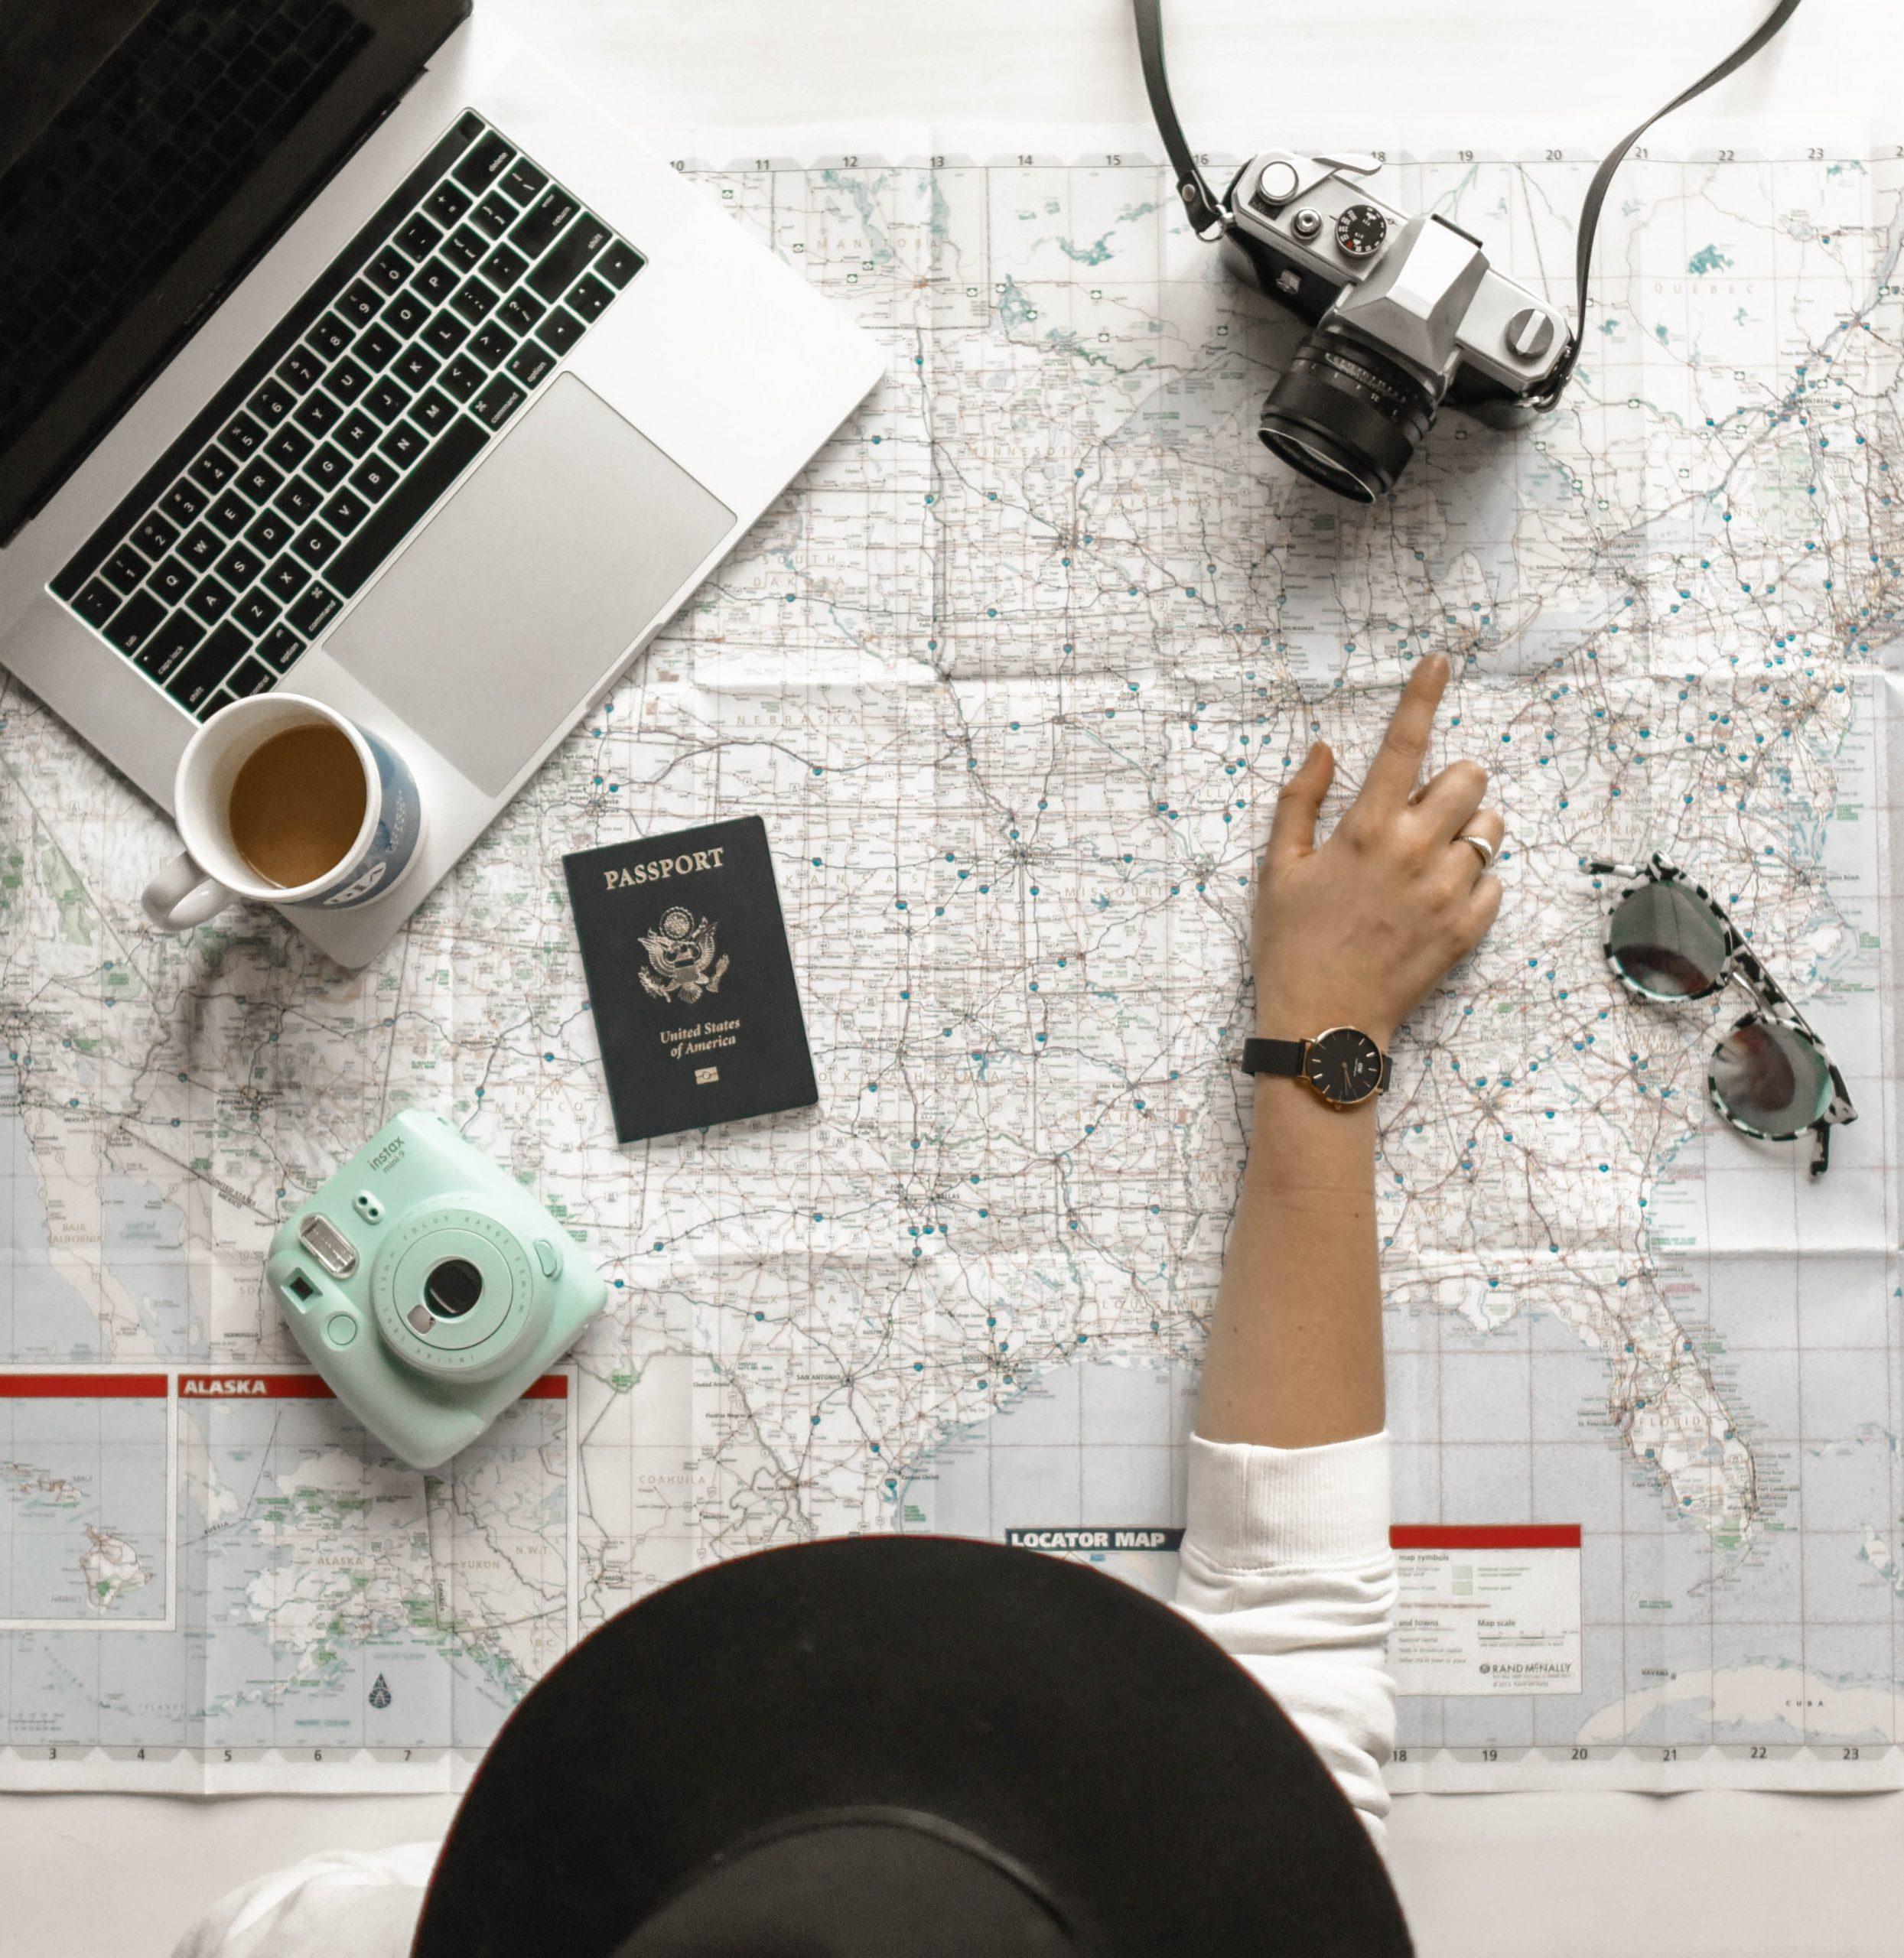 rejse, planlægge (Foto: Unsplash)